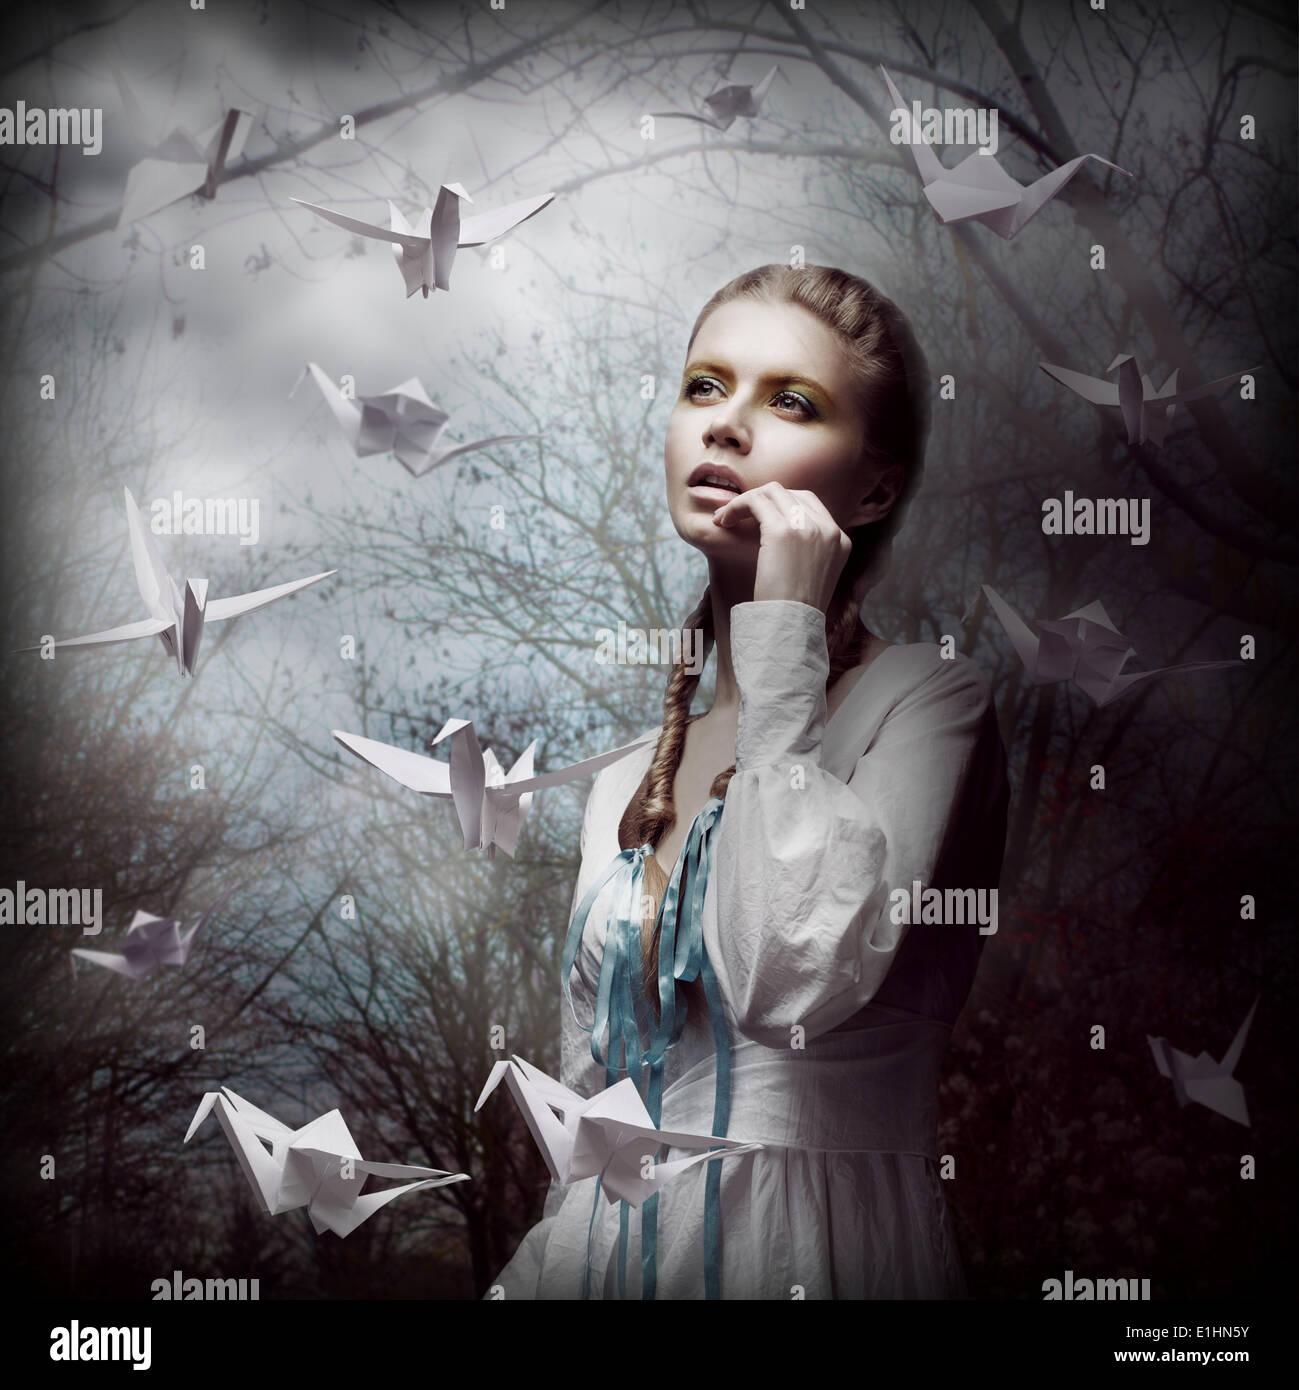 La inspiración. Mujer con origami cisnes blancos volando en oscuro bosque místico Imagen De Stock